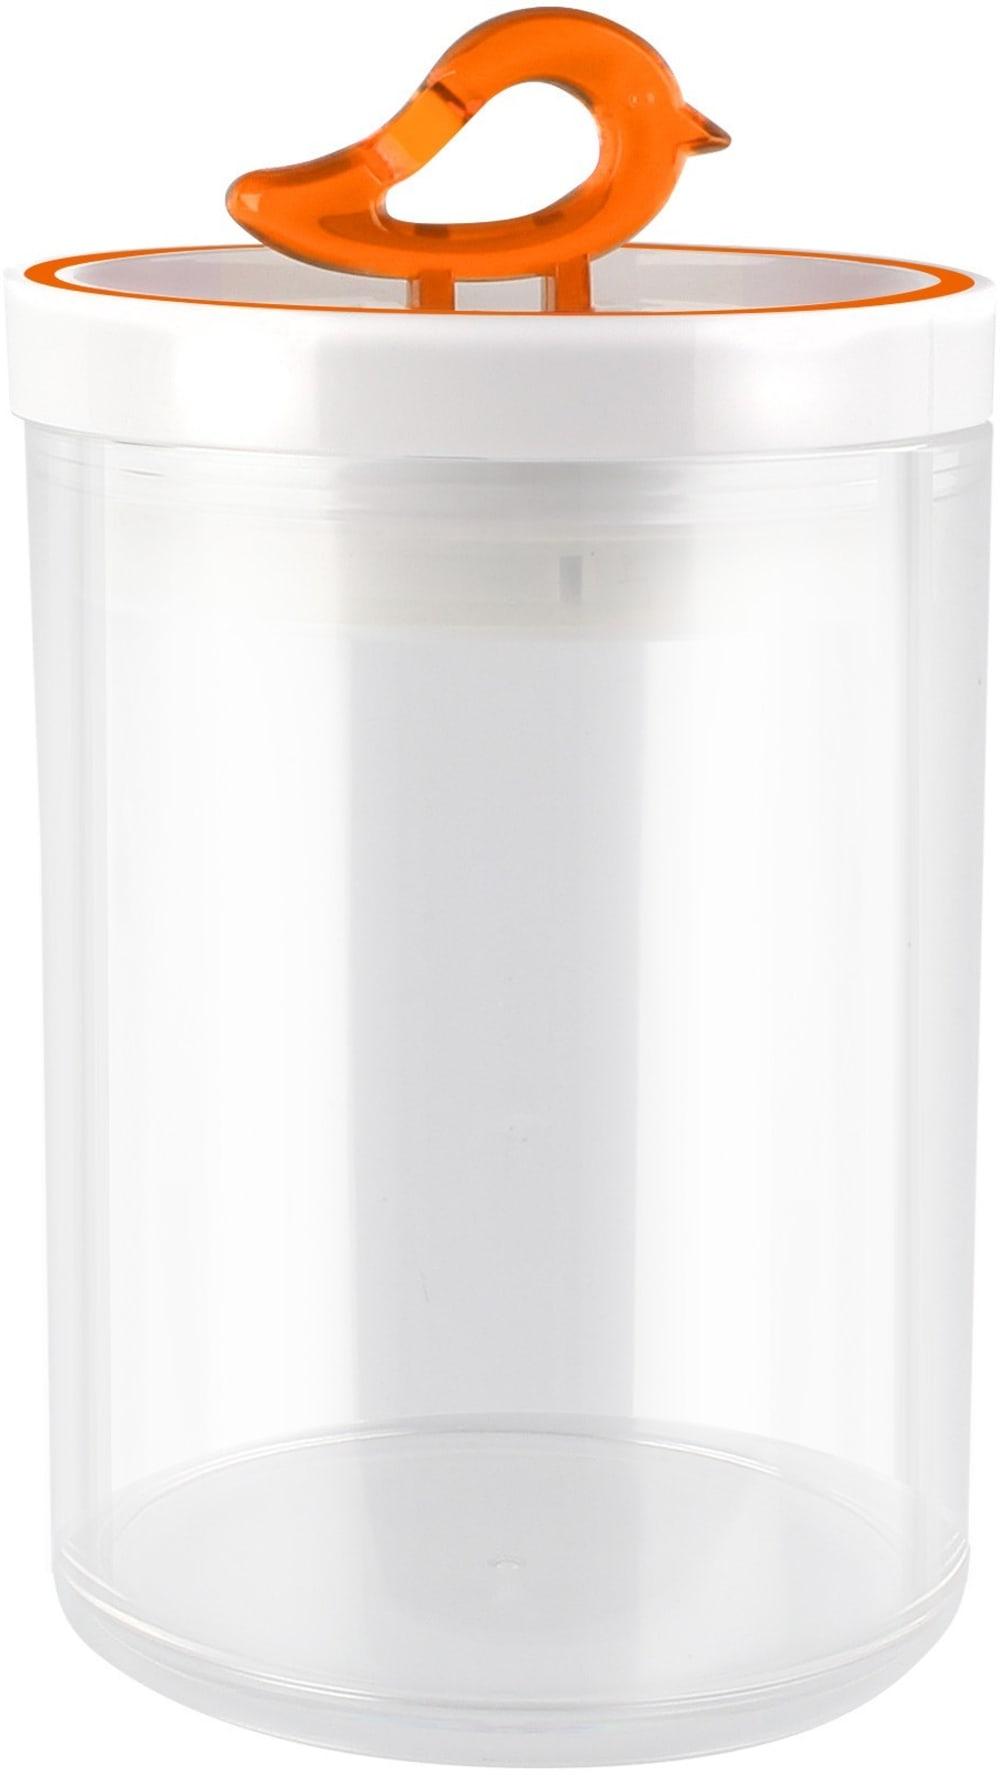 Pojemnik kuchenny  pomarańczowy 800 ml  Livio Vialli Design